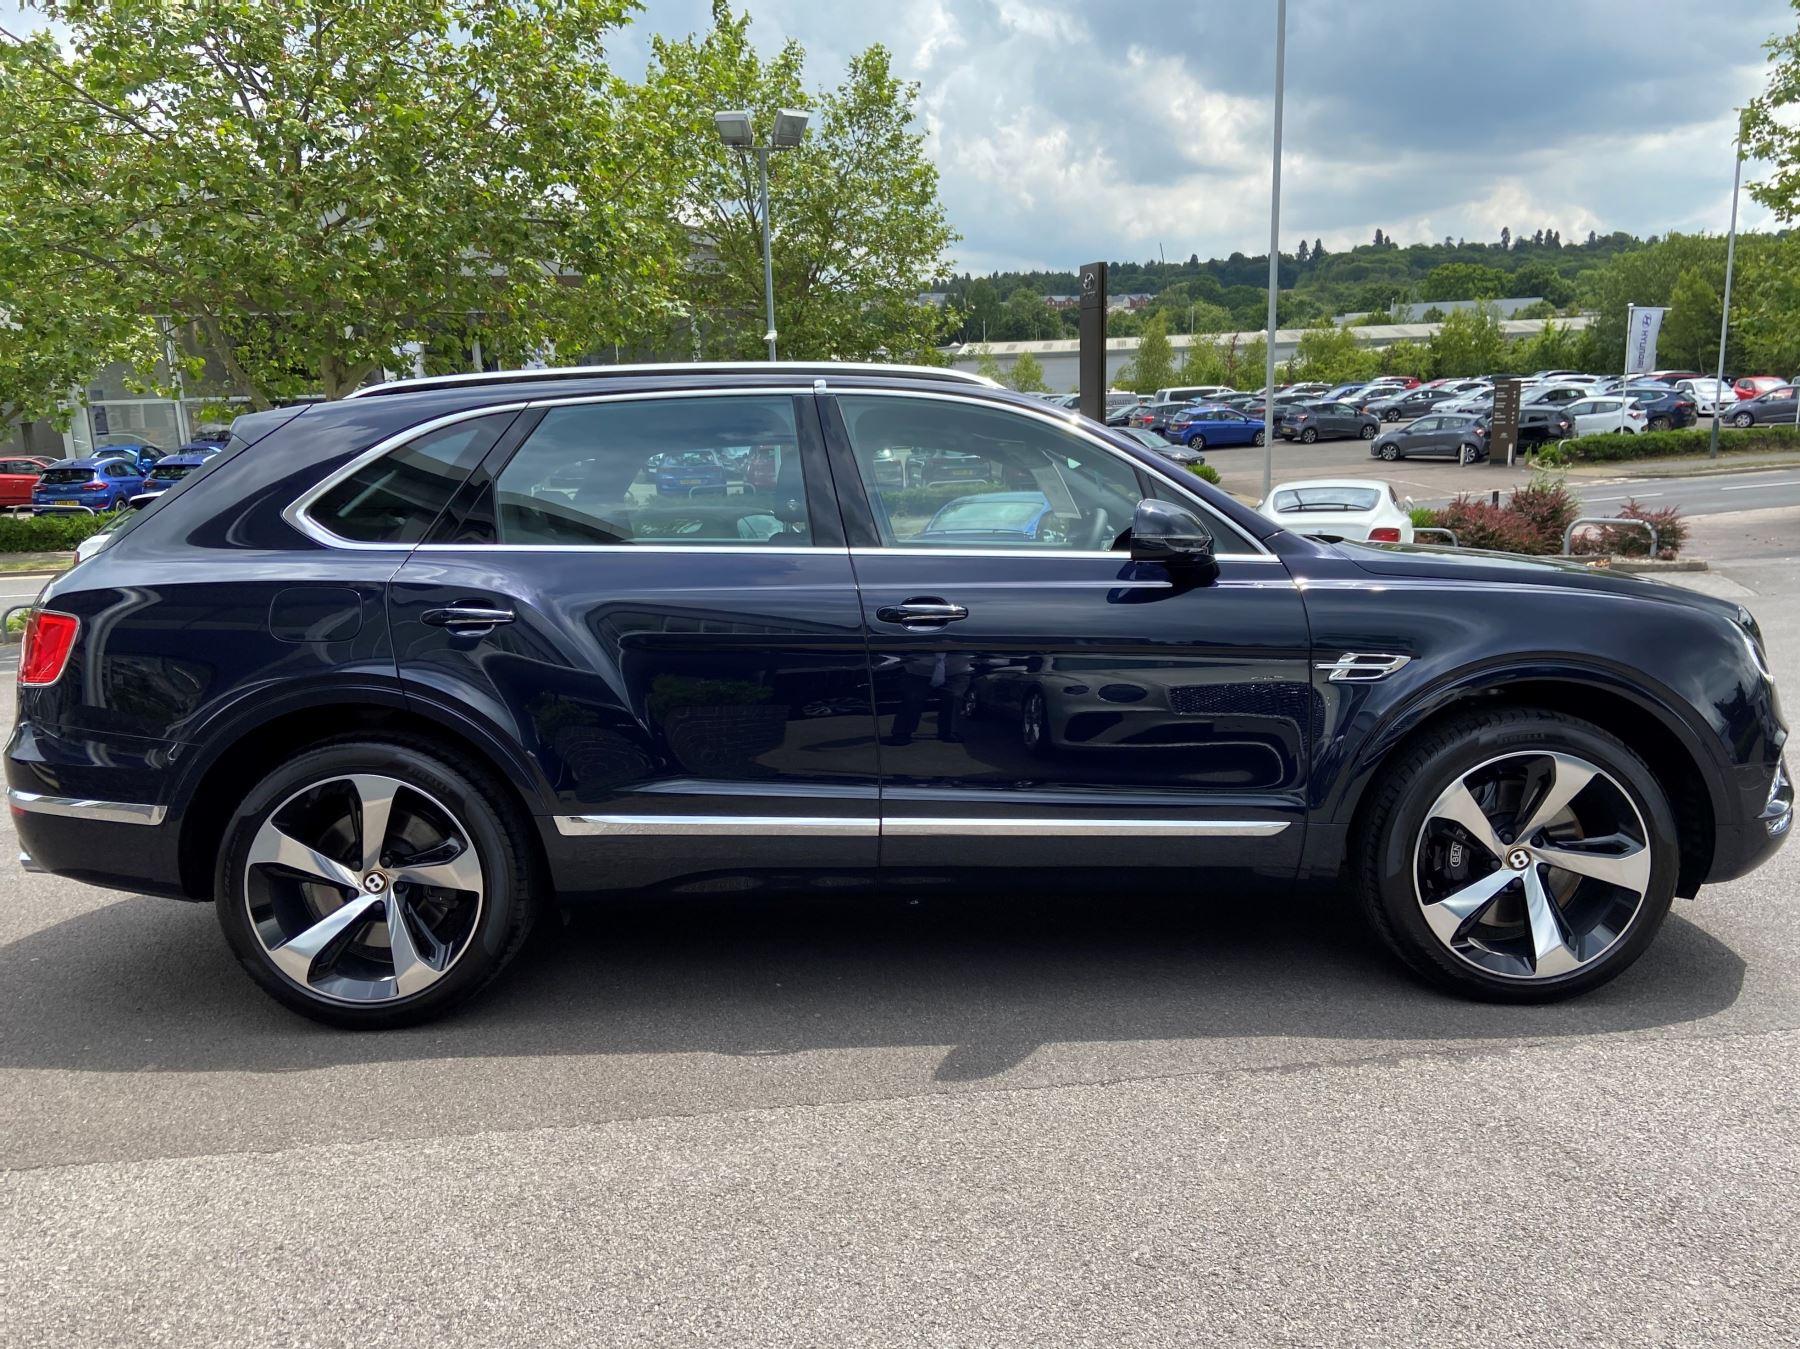 Bentley Bentayga 4.0 V8 5dr Mulliner Driving Specification image 5